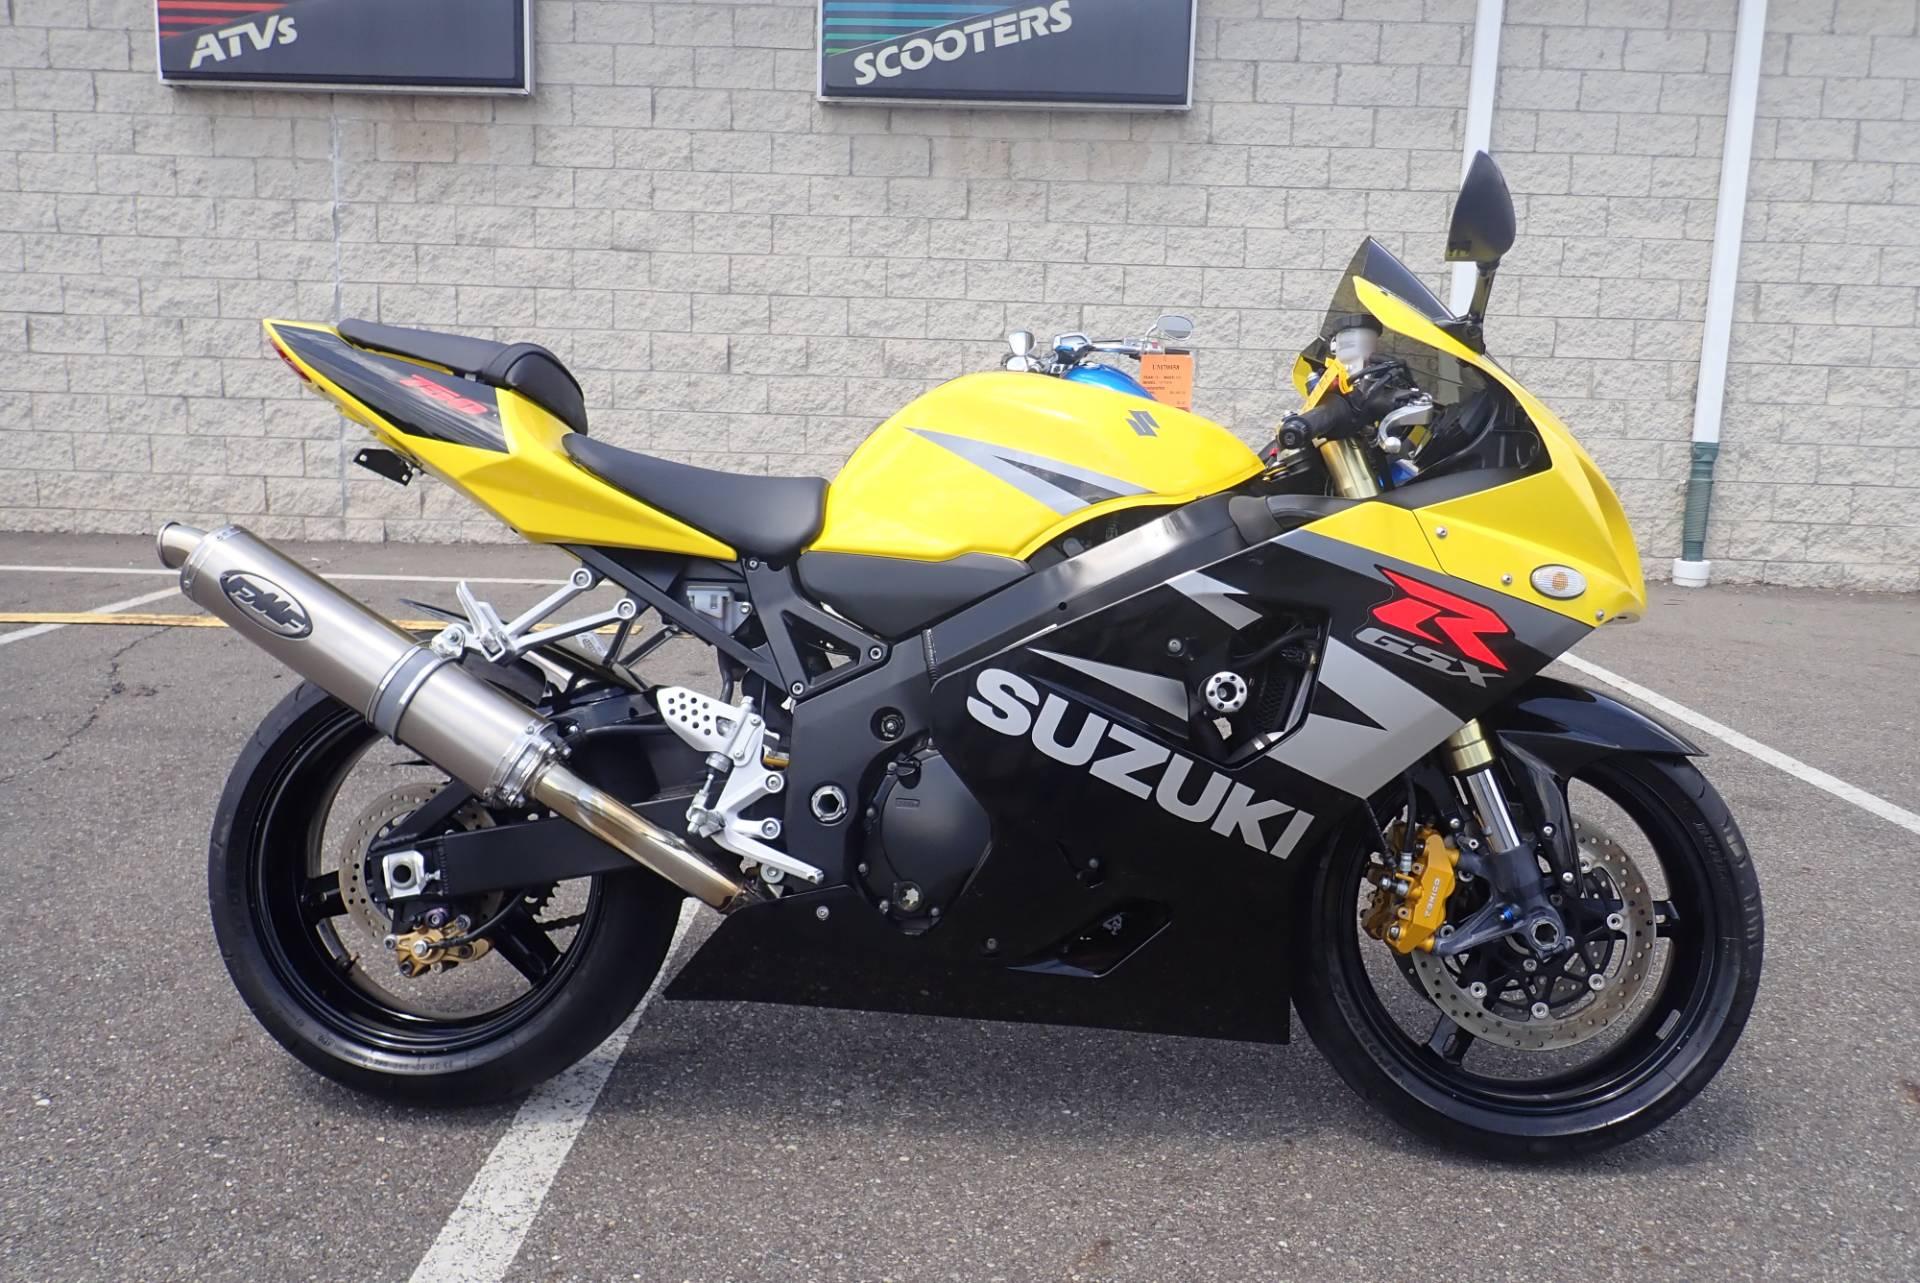 2004 Suzuki GSX-R750 for sale 150140